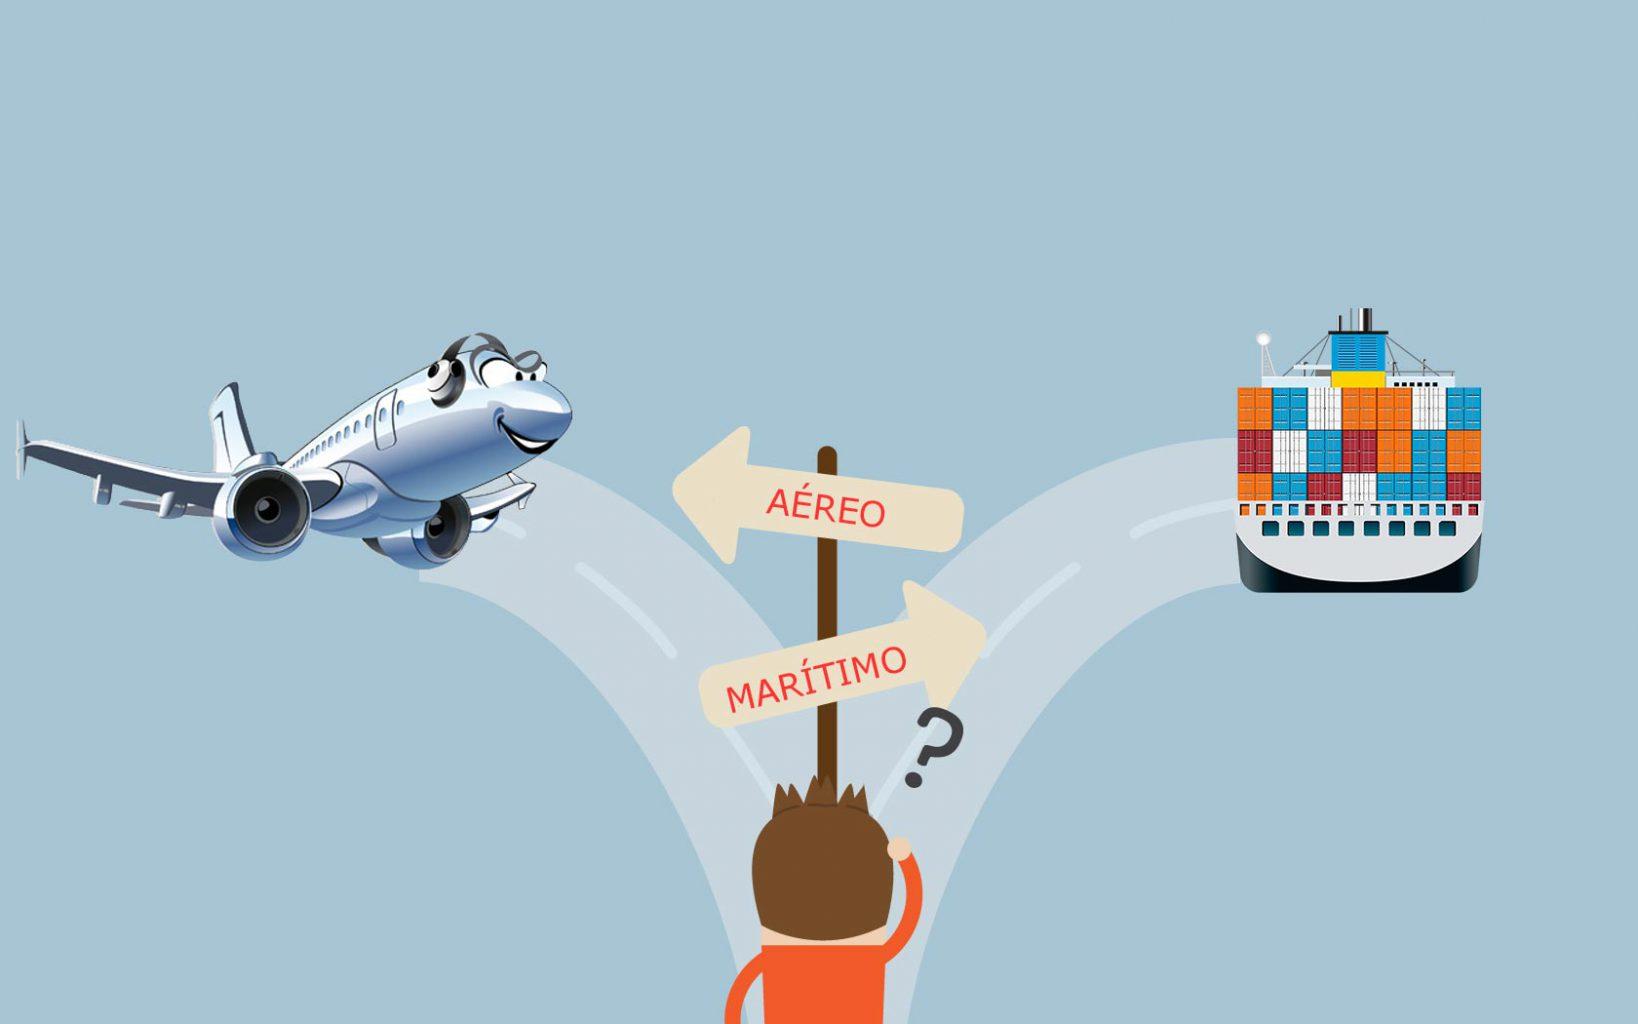 transporte aéreo vs maritimo